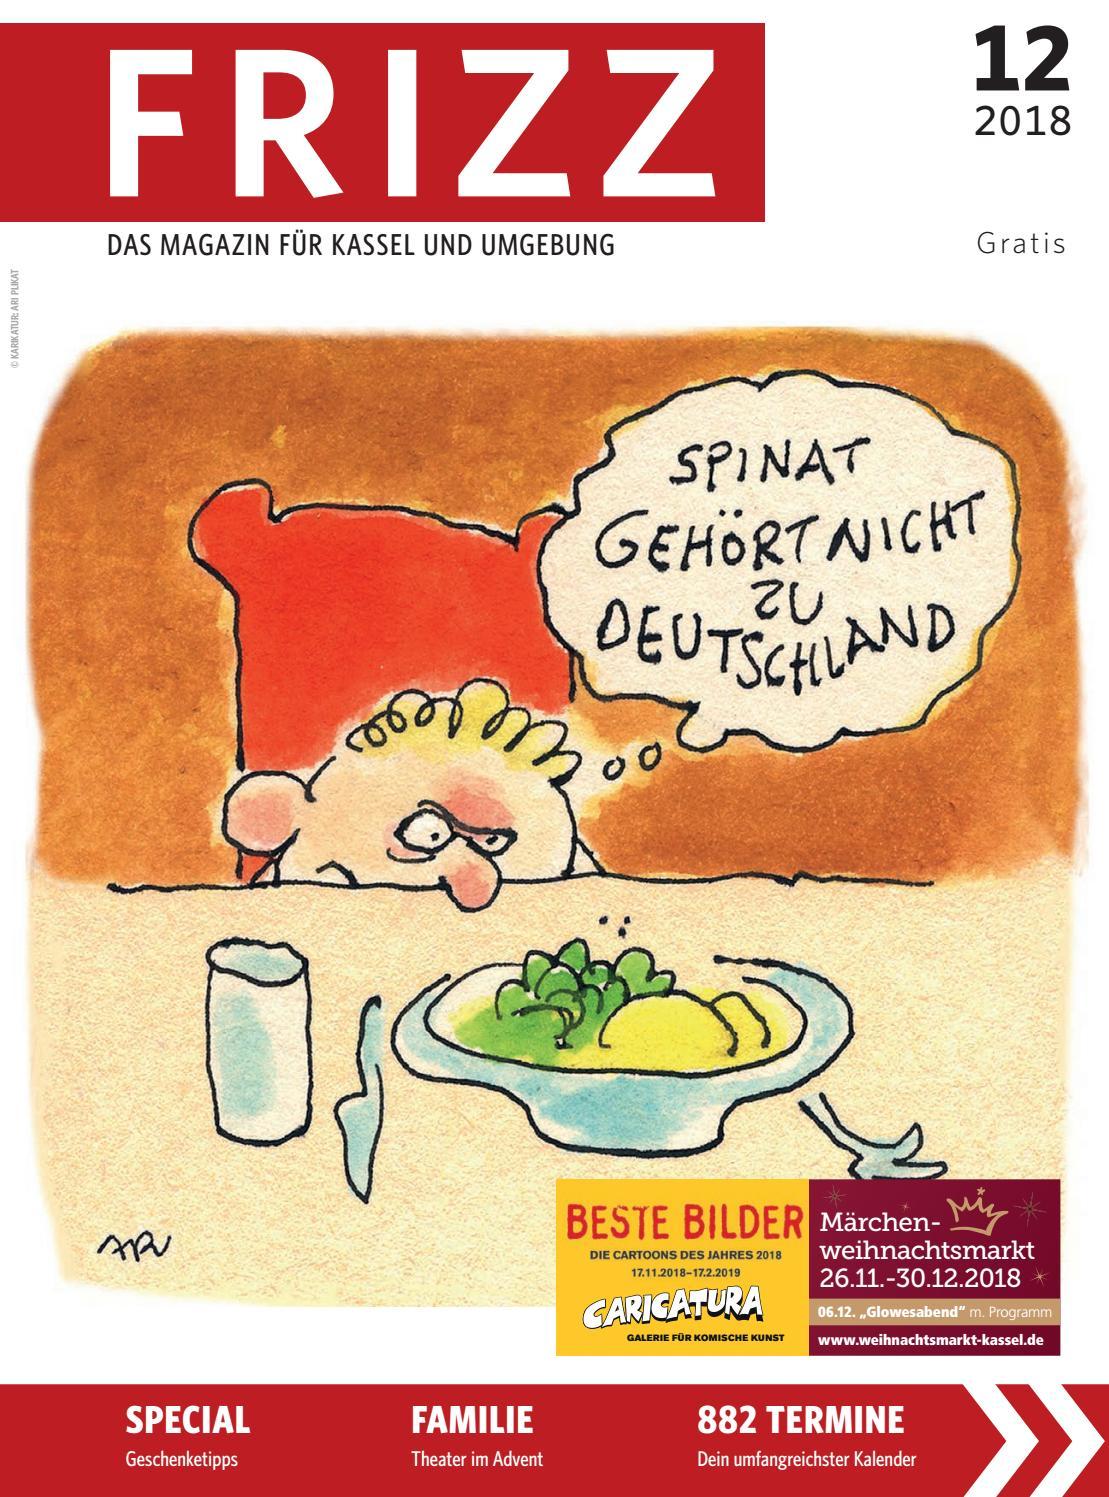 FRIZZ Das Magazin Kassel Dezember 2018 by frizz kassel issuu